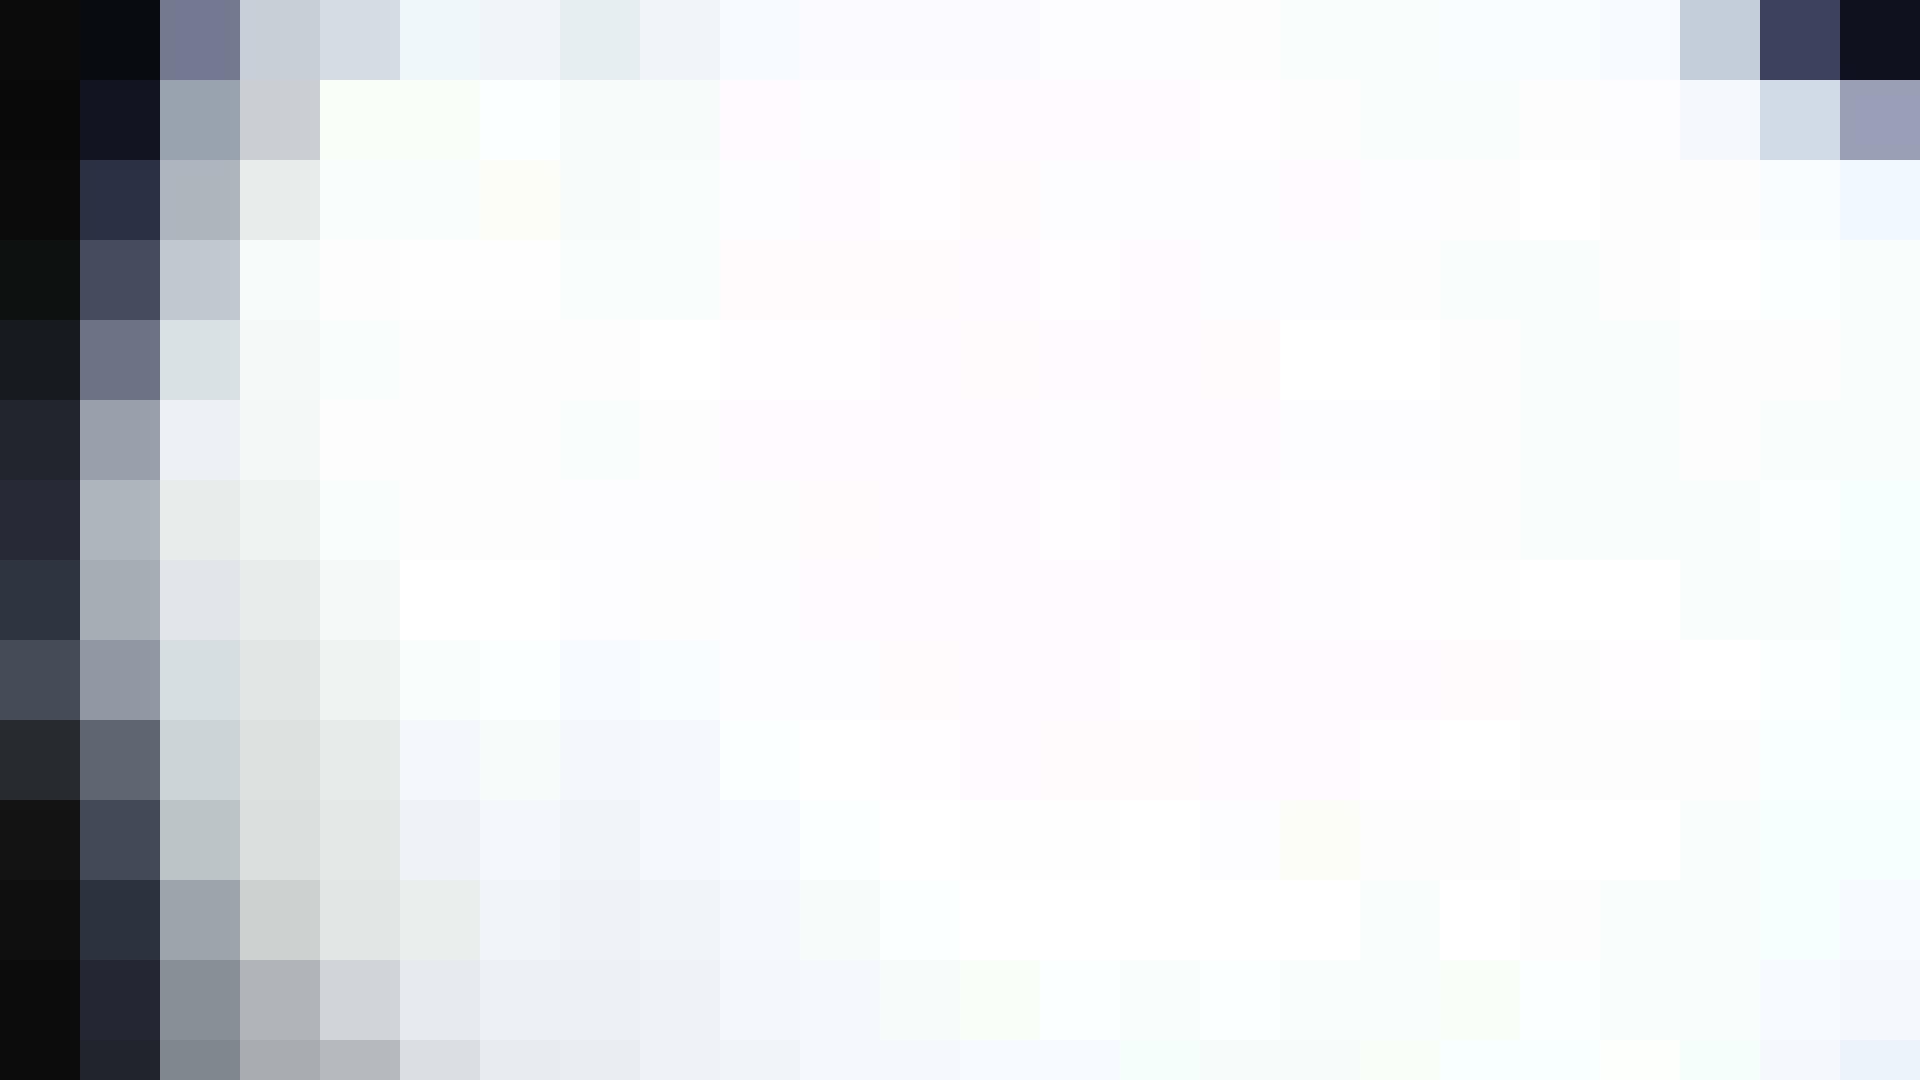 洗面所特攻隊 vol.016 ナナメな方 洗面所  107PIX 29